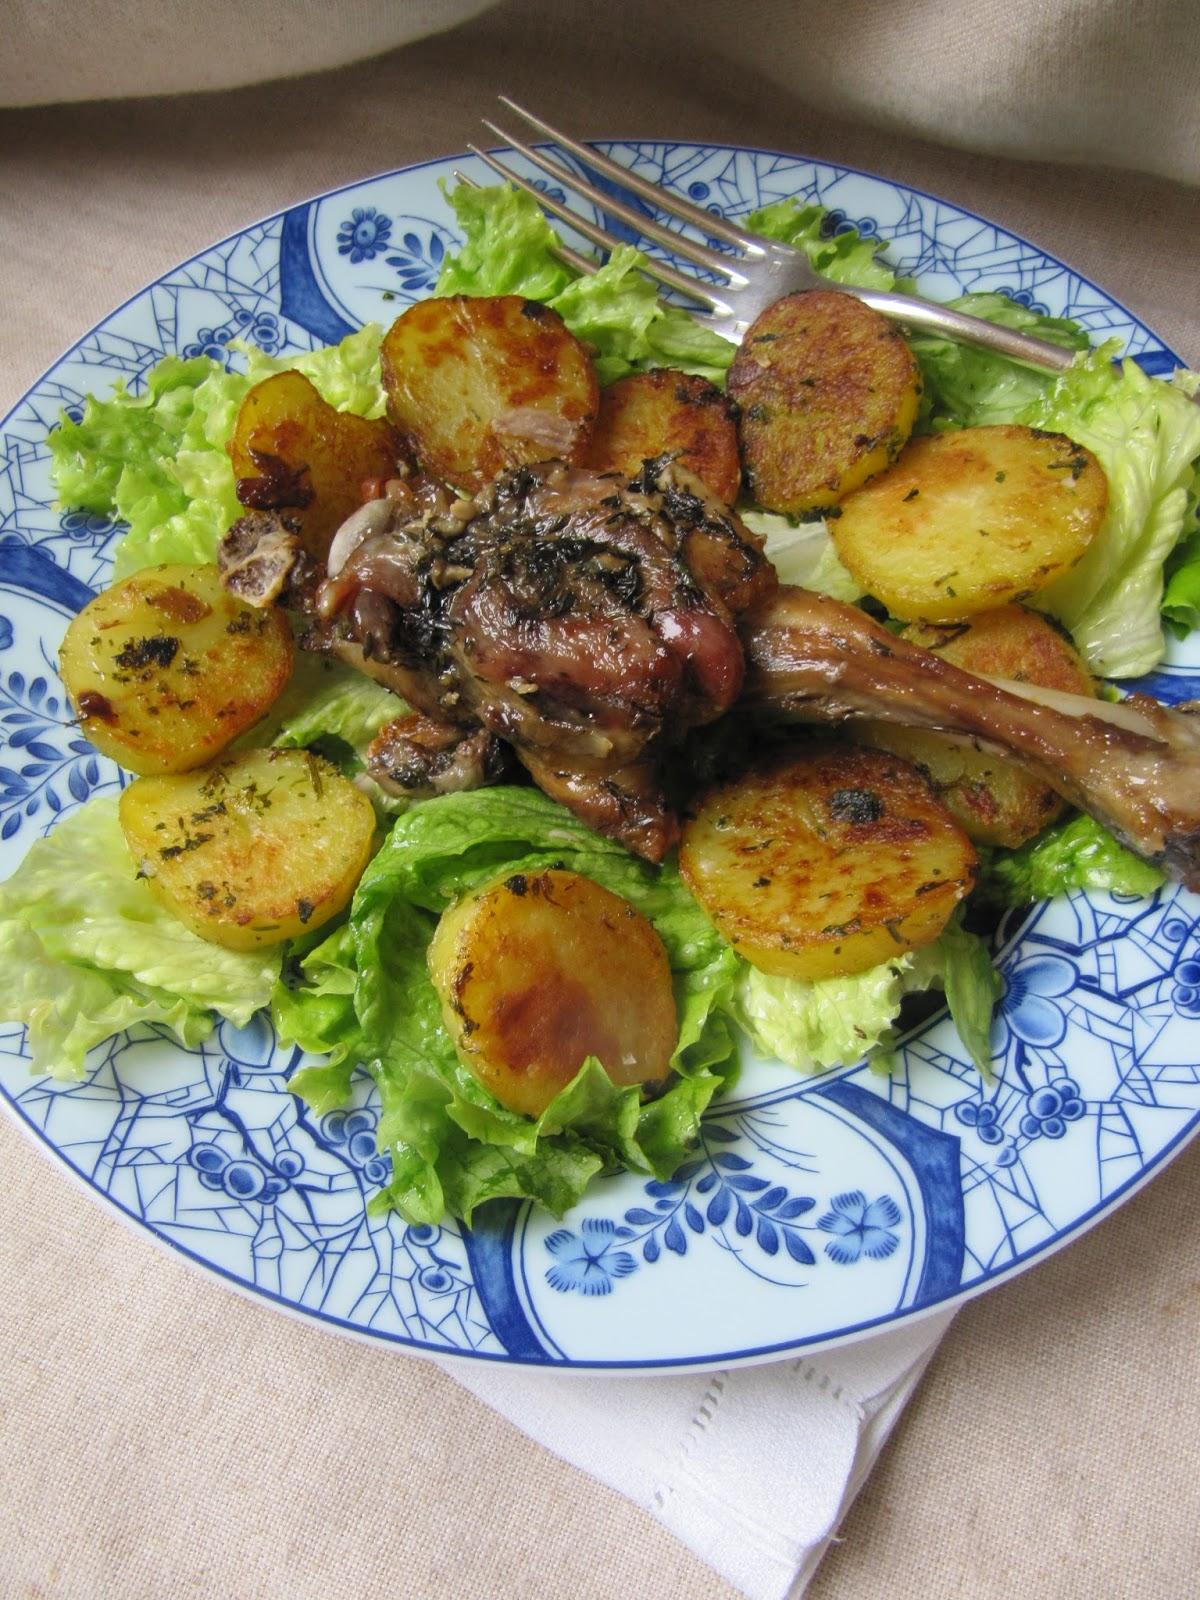 Recette Manchons De Canard : recette, manchons, canard, Cuisine, D'ici, D'ISCA:, Manchons, Canard, Pommes, Persillées